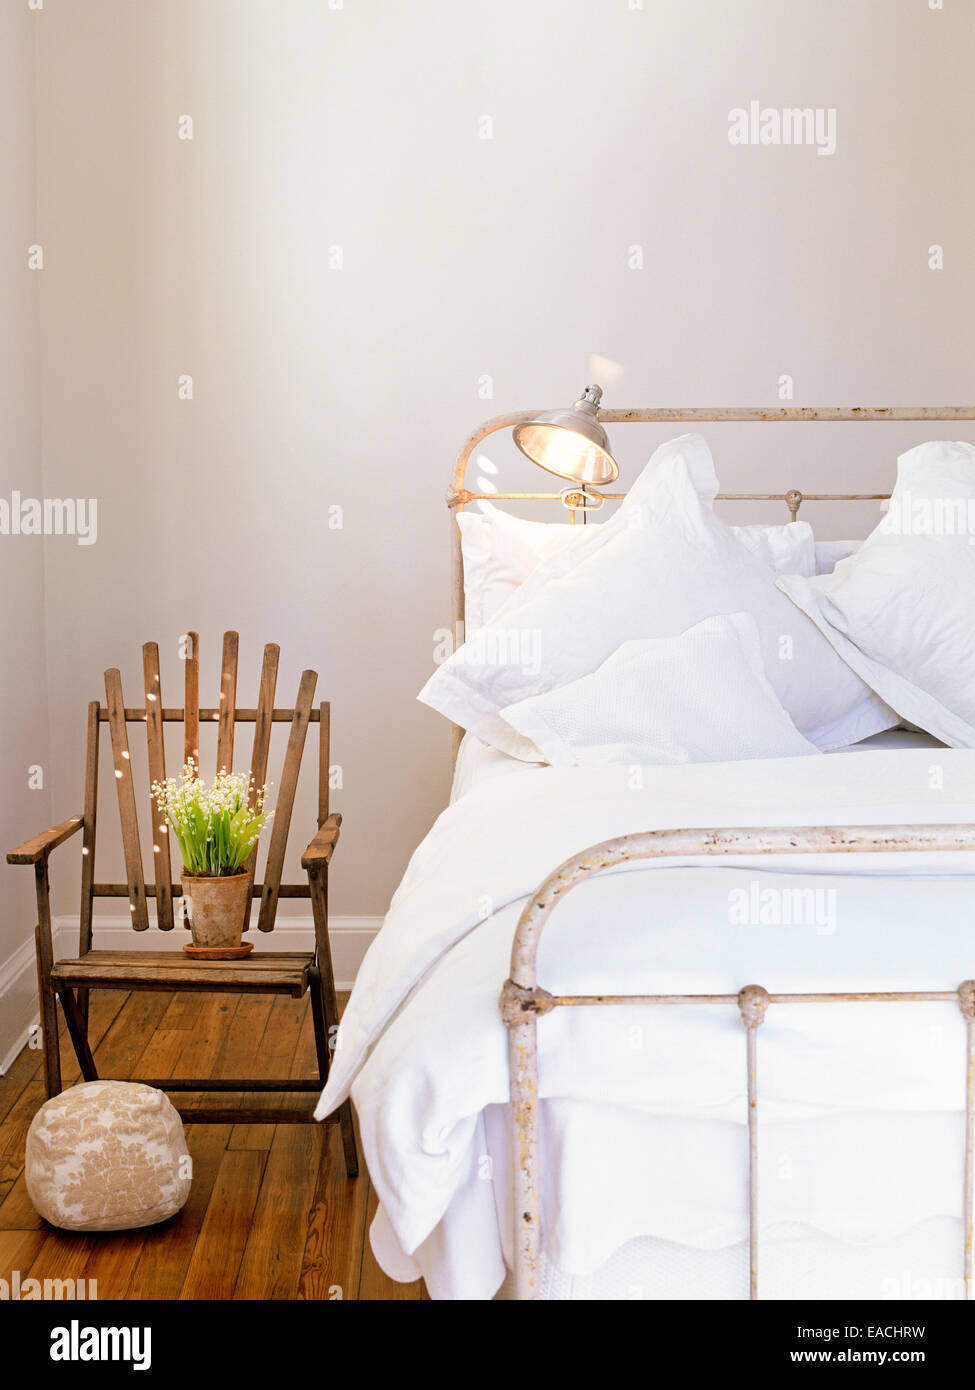 Dormitorio con cama de antigüedades y flores. Imagen De Stock